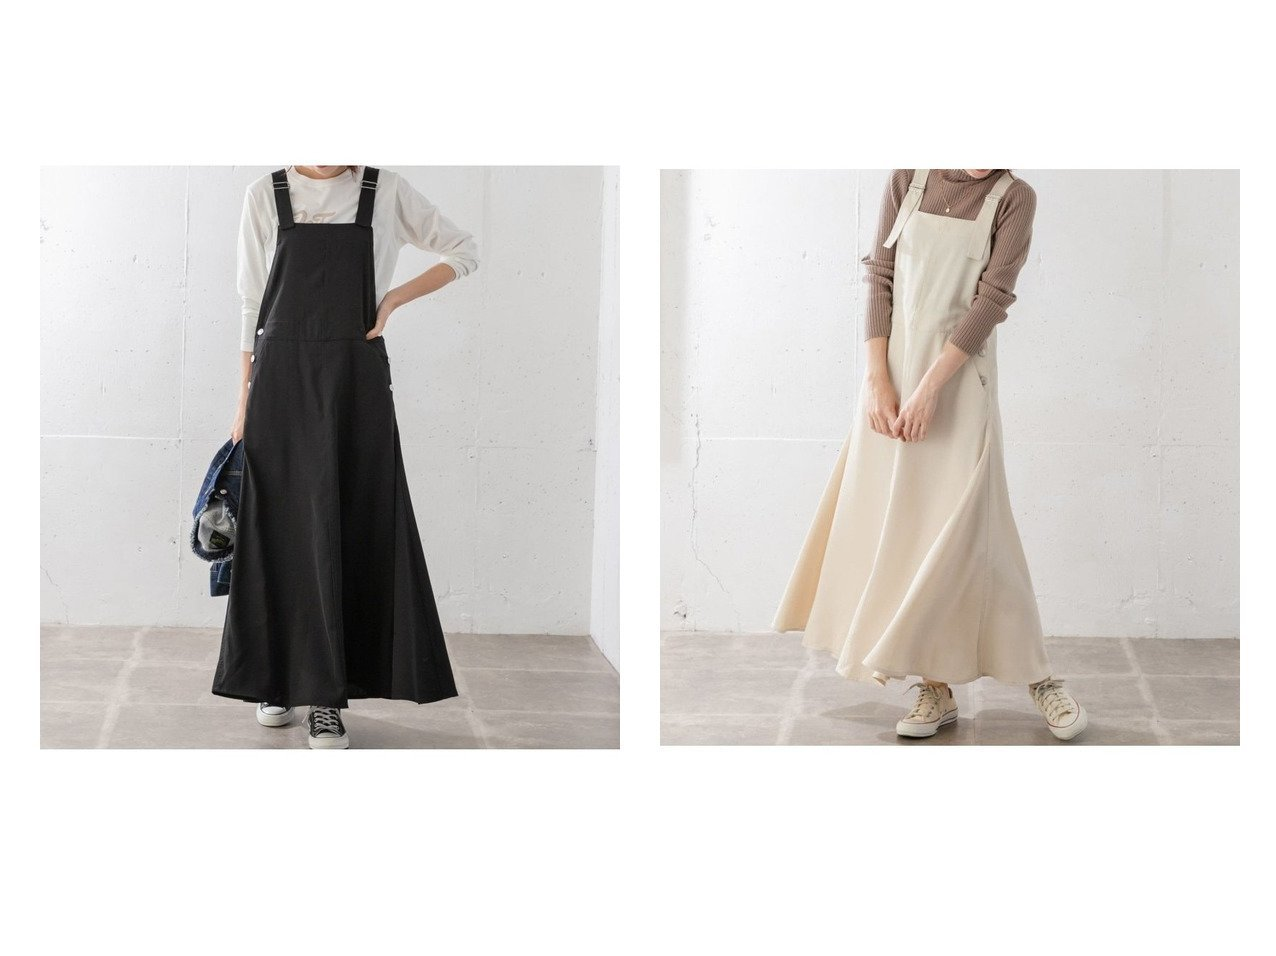 【Sonny Label / URBAN RESEARCH/サニーレーベル】の【WEB限定】フレアジャンパースカート 【スカート】おすすめ!人気、トレンド・レディースファッションの通販 おすすめで人気の流行・トレンド、ファッションの通販商品 インテリア・家具・メンズファッション・キッズファッション・レディースファッション・服の通販 founy(ファニー) https://founy.com/ ファッション Fashion レディースファッション WOMEN スカート Skirt NEW・新作・新着・新入荷 New Arrivals とろみ シューズ ショルダー  ID:crp329100000070089